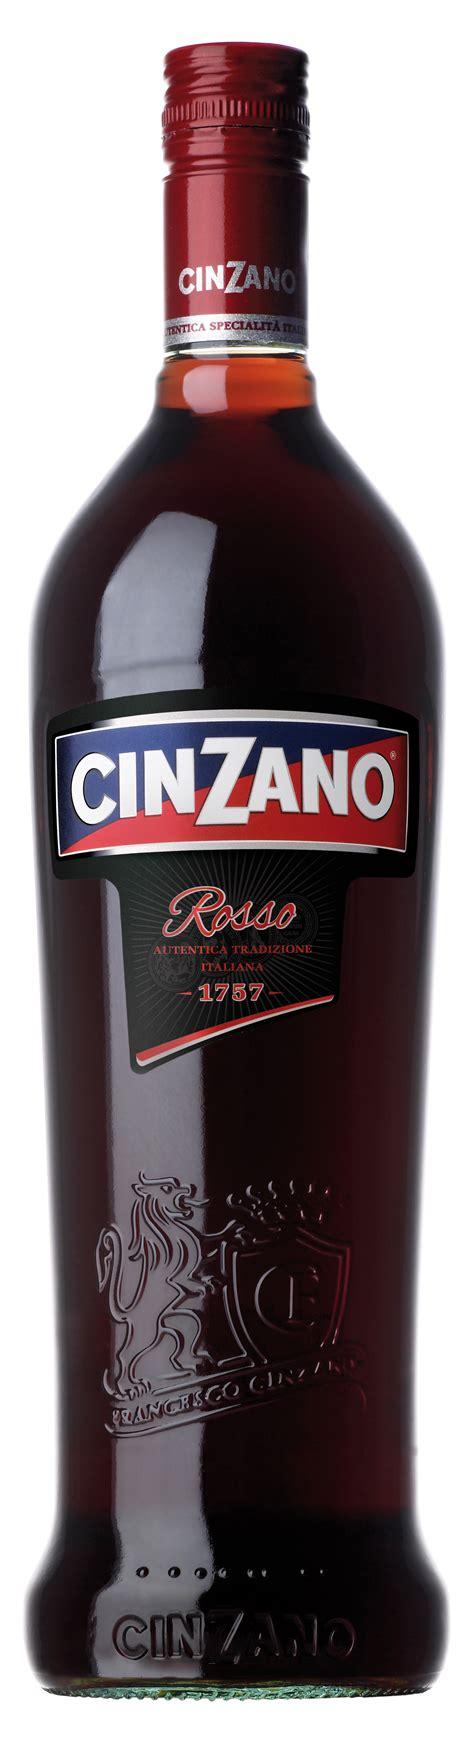 rosso bottle cinzano aperitif cari corporate